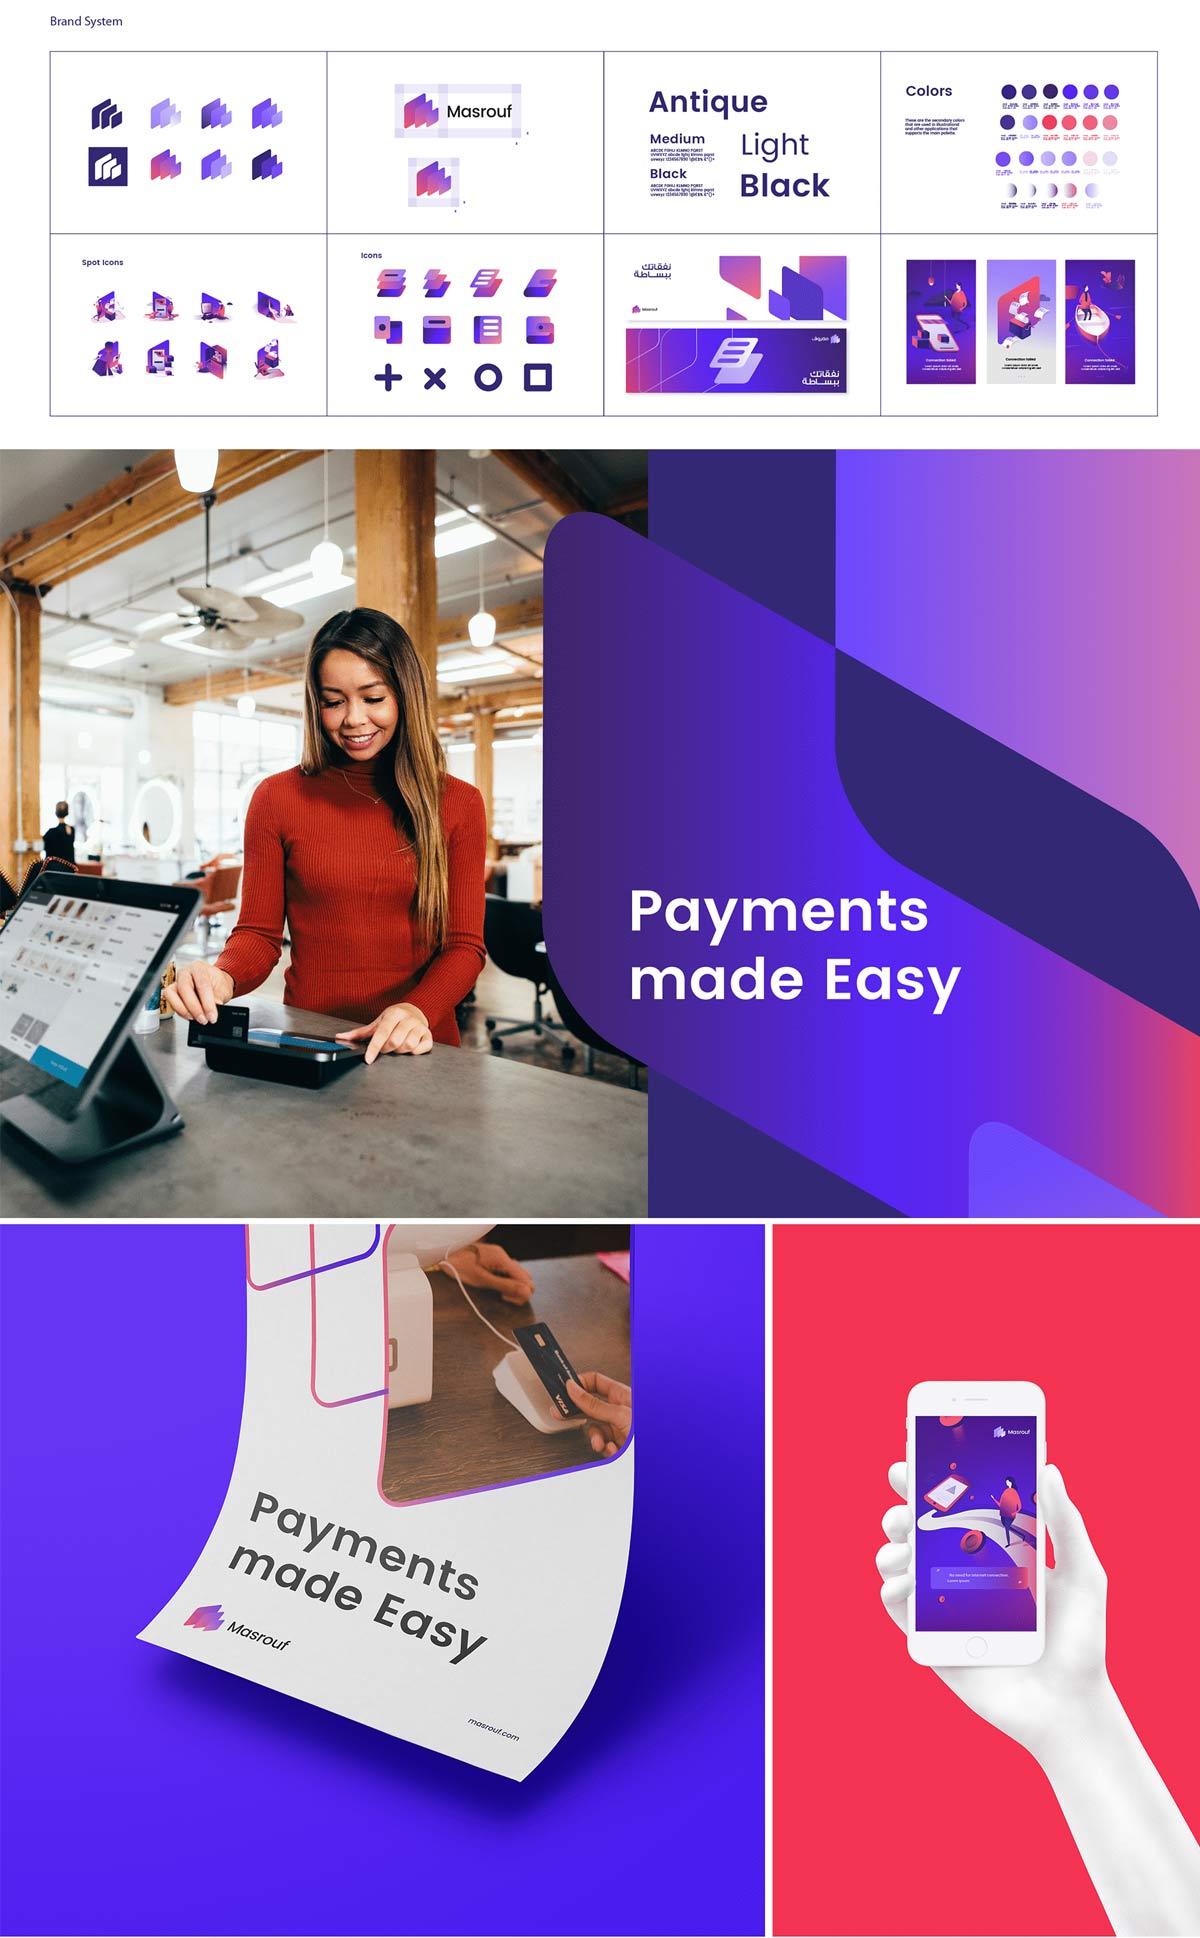 炫酷紫色!财务APP应用程序品牌VI设计